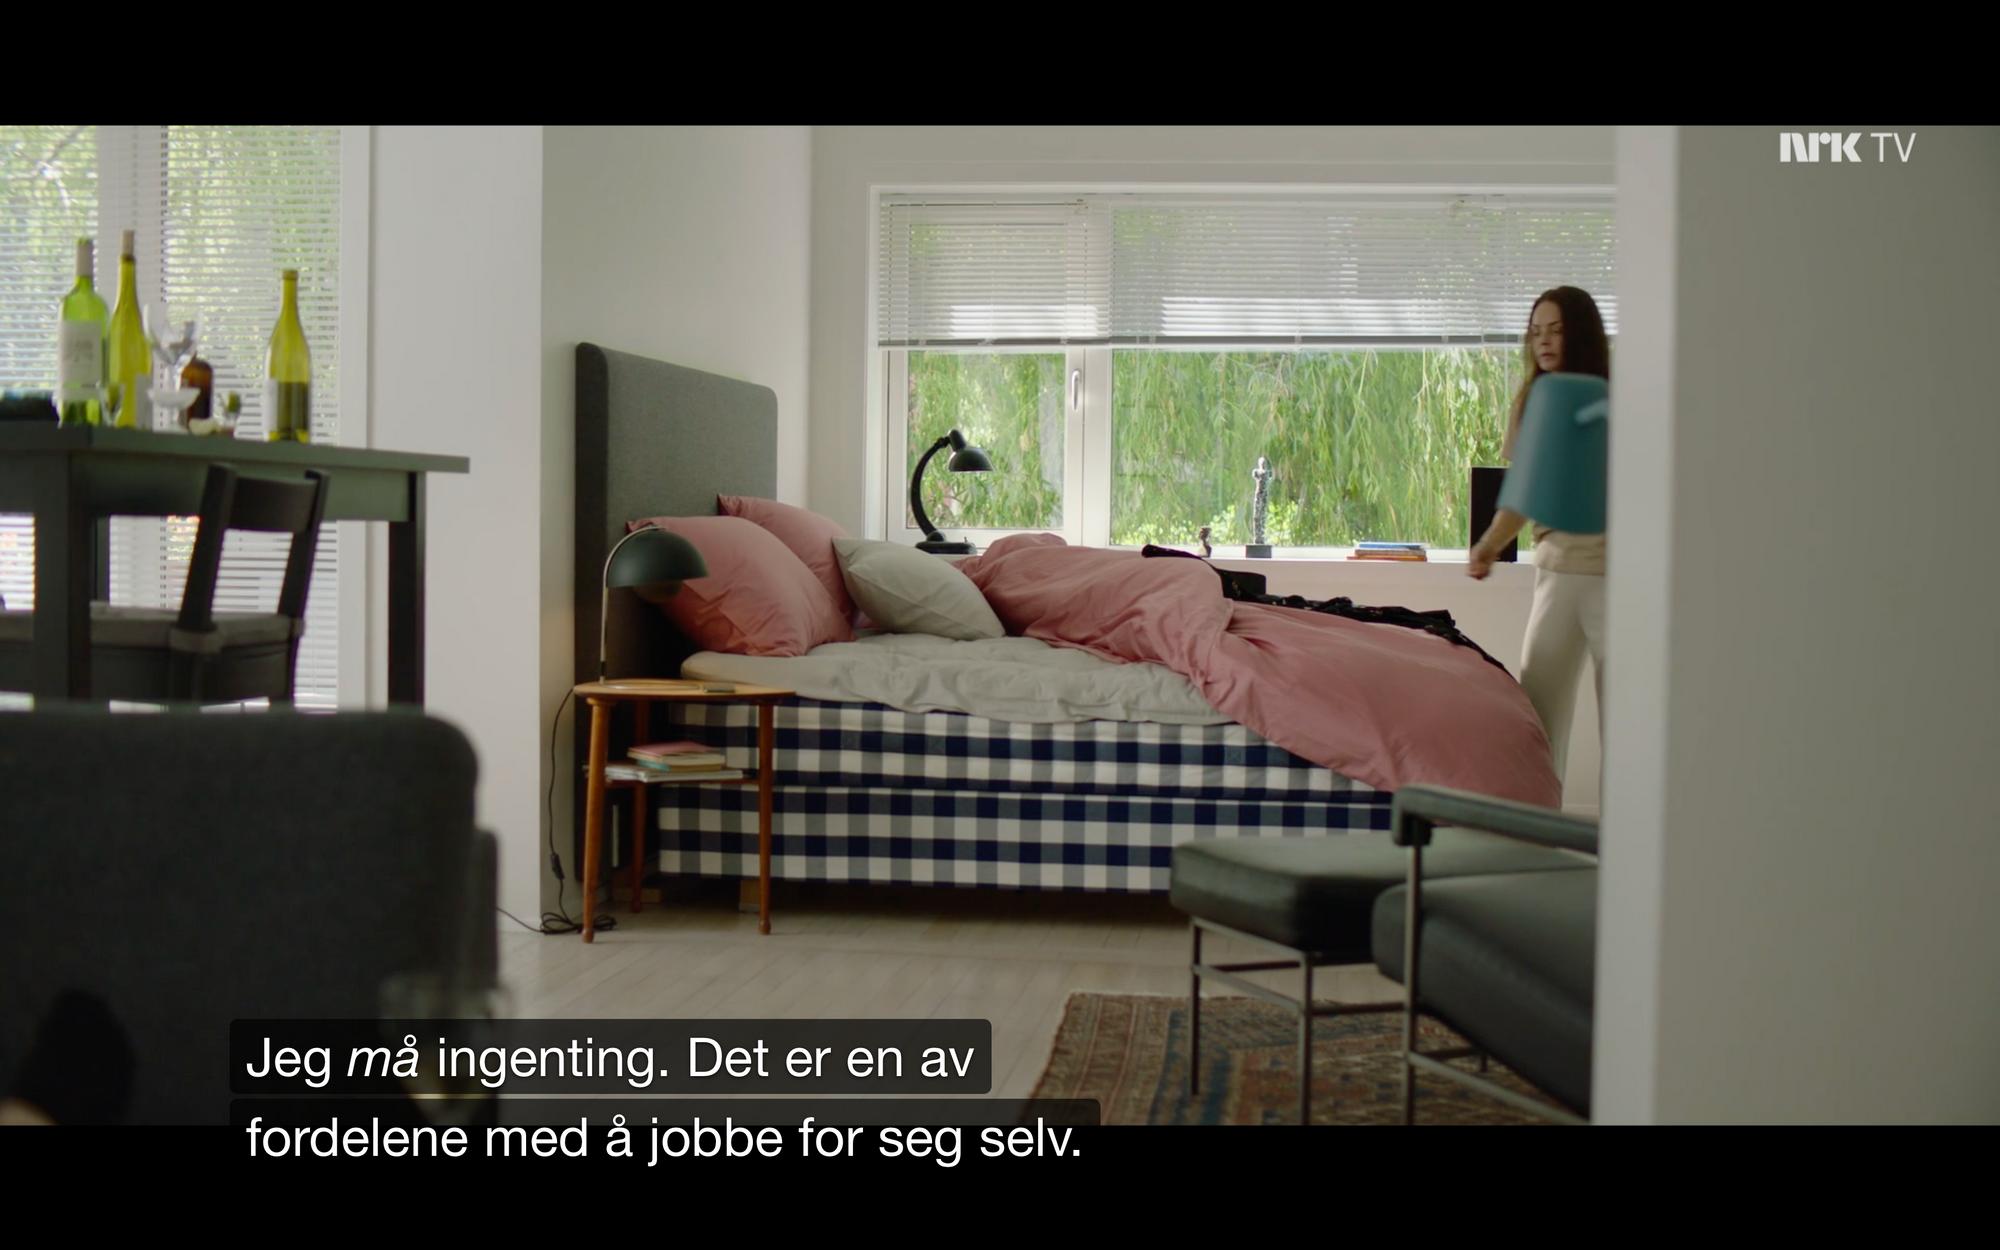 Skjermbilde fra Exit-episode hvor det i tekstingen står: Jeg må ingenting. Det er en av fordelene med å jobbe for seg selv